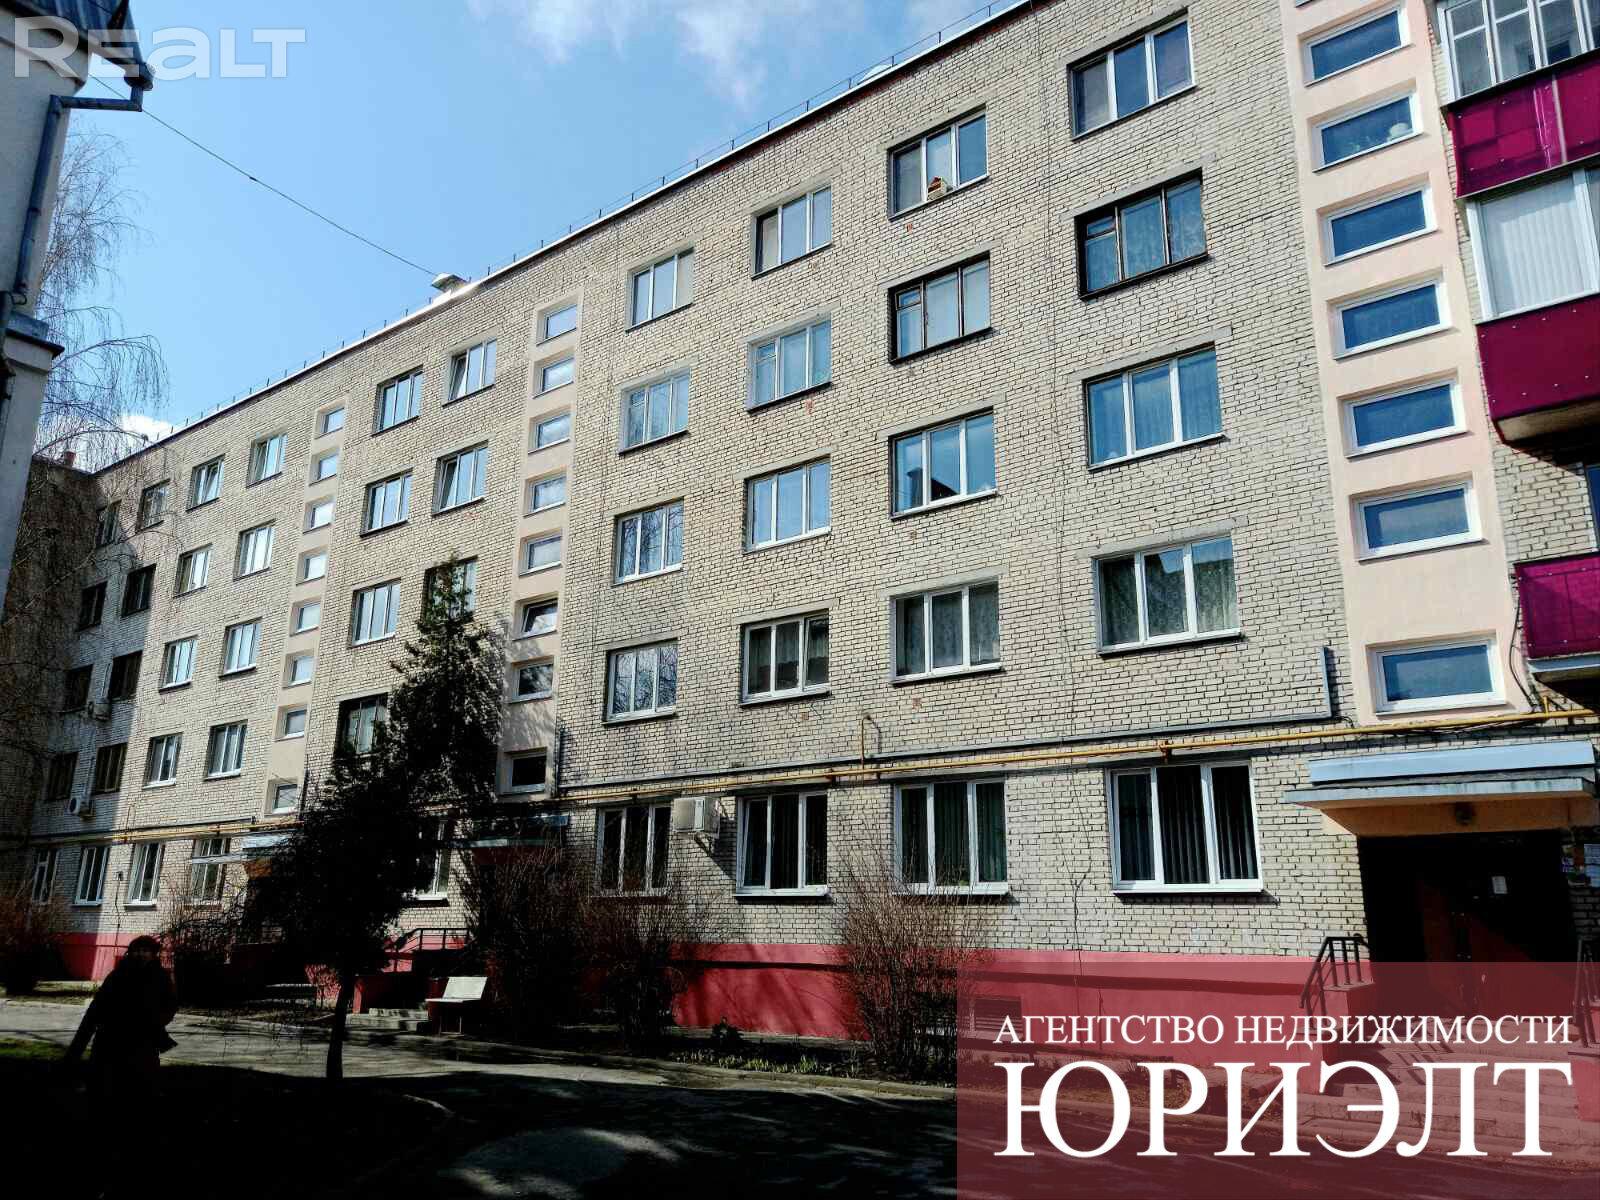 Лот. 20921 1/2 доля в 3-комнатной квартире, б-р Космонавтов